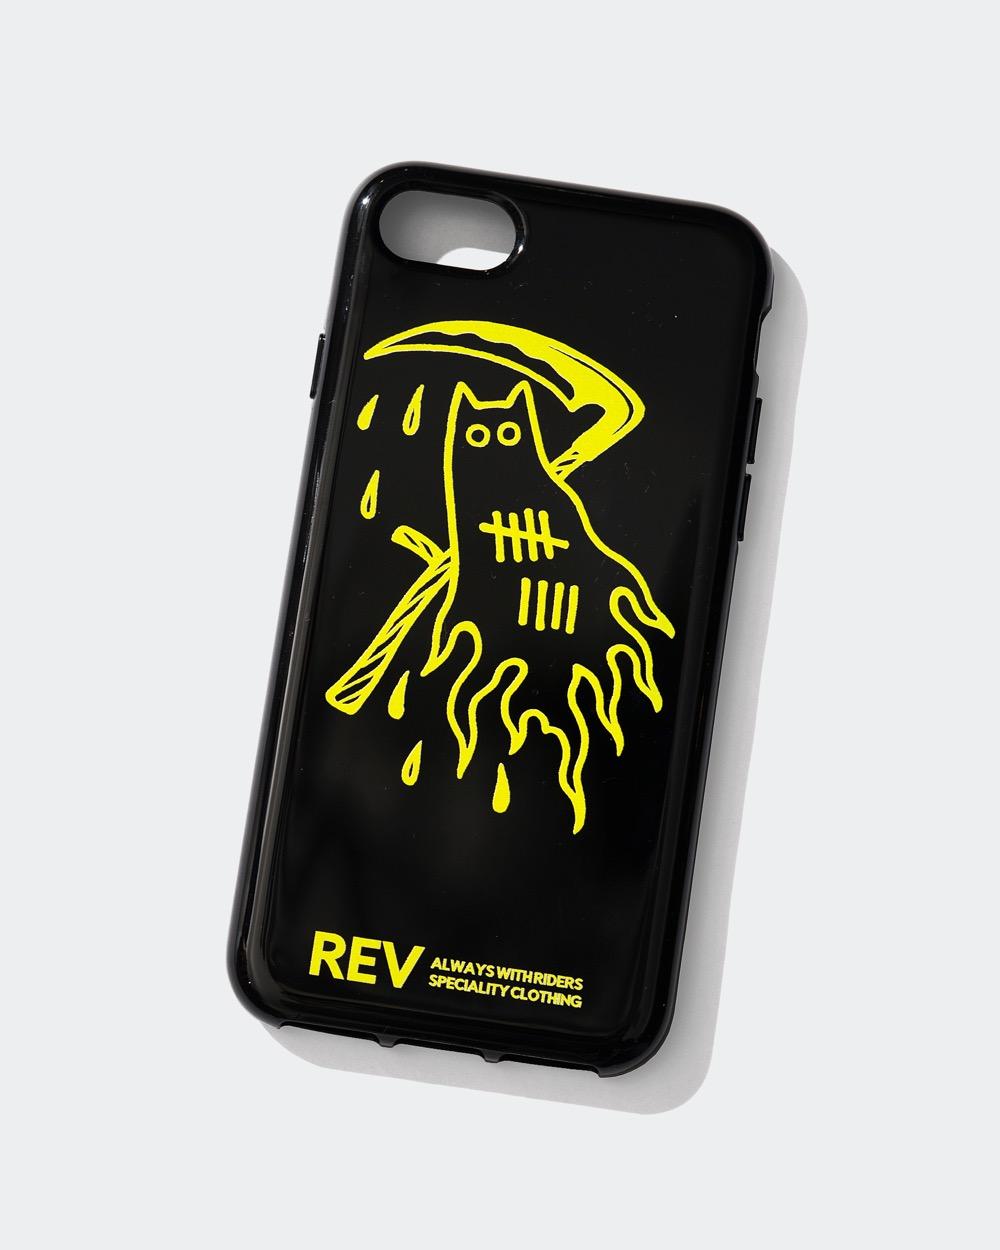 REV_iPhonecase